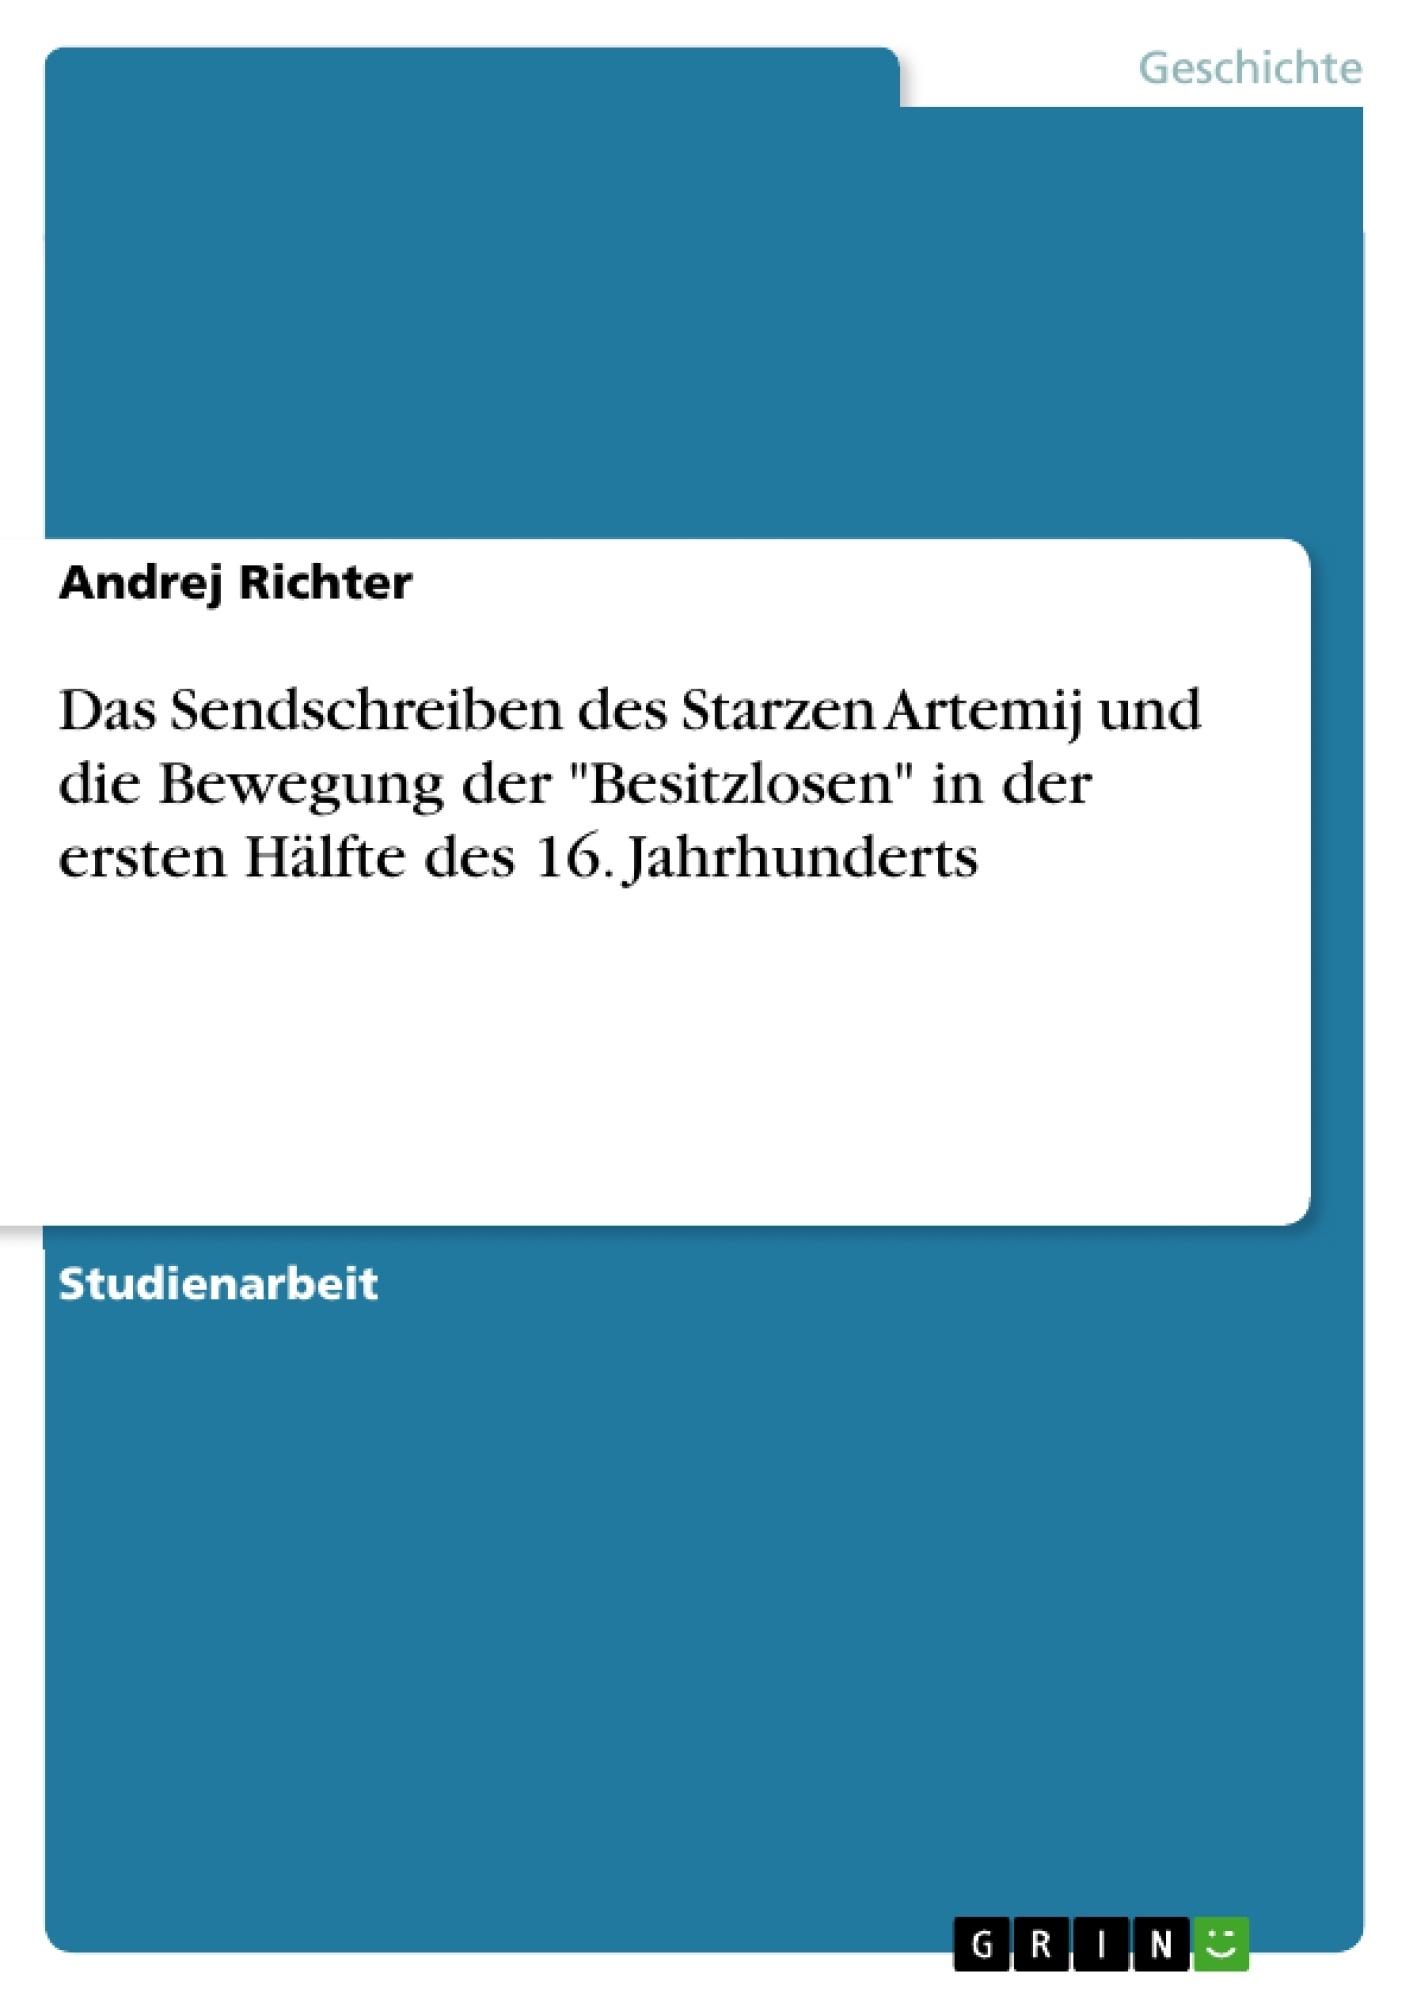 """Titel: Das Sendschreiben des Starzen Artemij und die Bewegung der """"Besitzlosen"""" in der ersten Hälfte des 16. Jahrhunderts"""